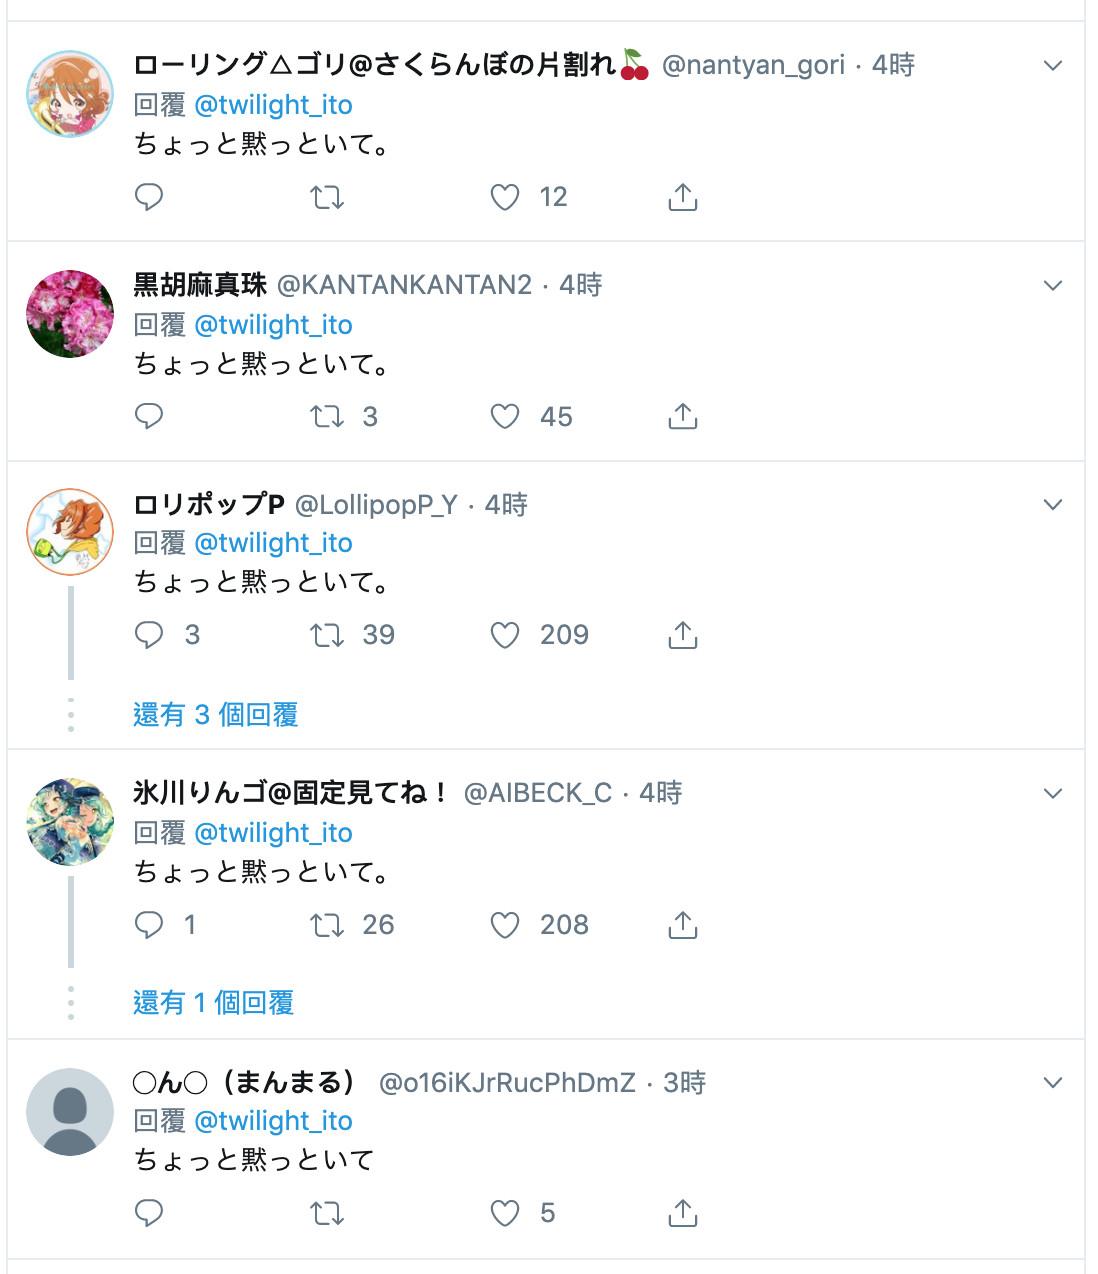 網民引用山本寬原句洗版,要求他「閉嘴」。Twitter